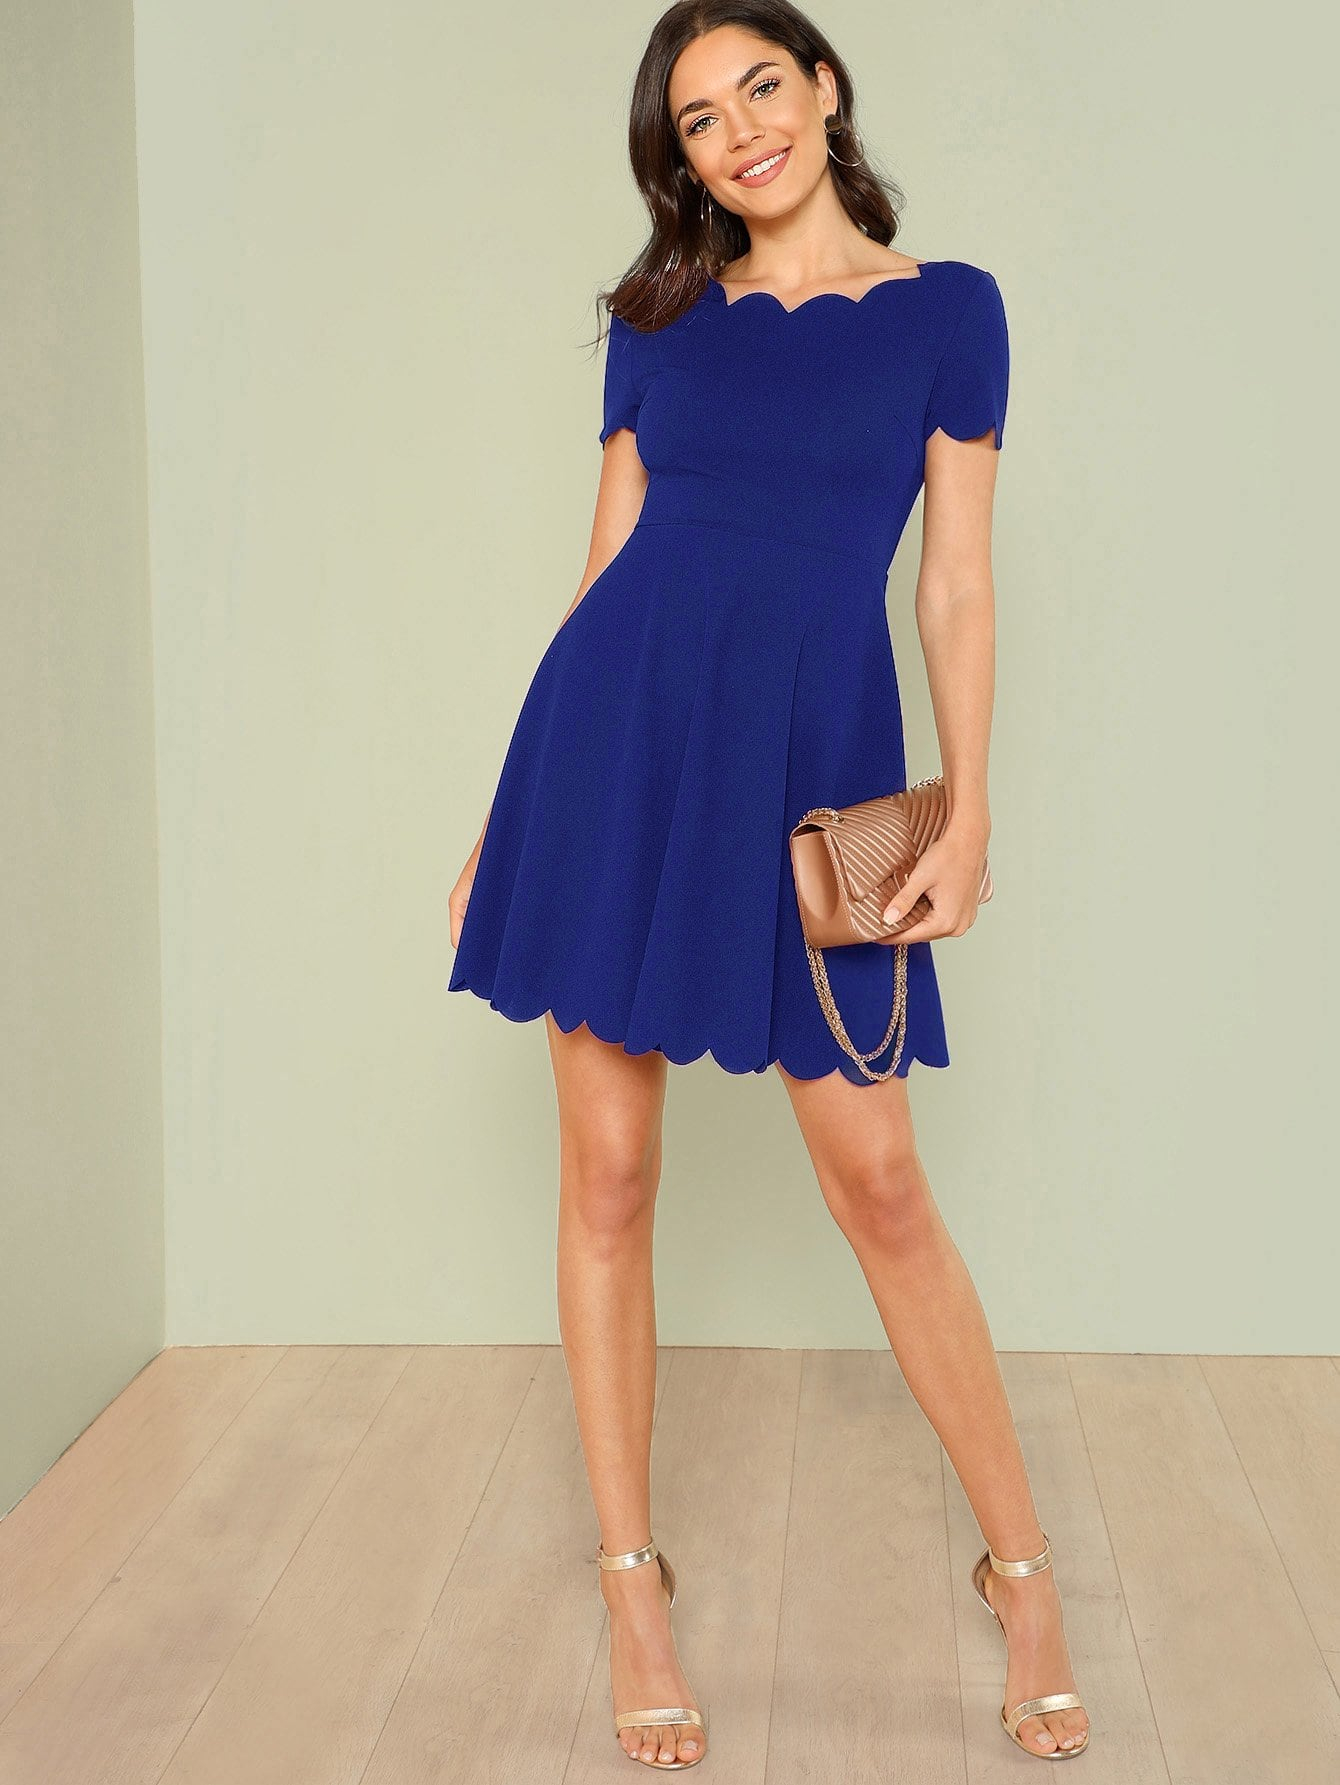 Купить Облегающее платье-клёш с веерообразной отделкой, Aarika Wolf, SheIn